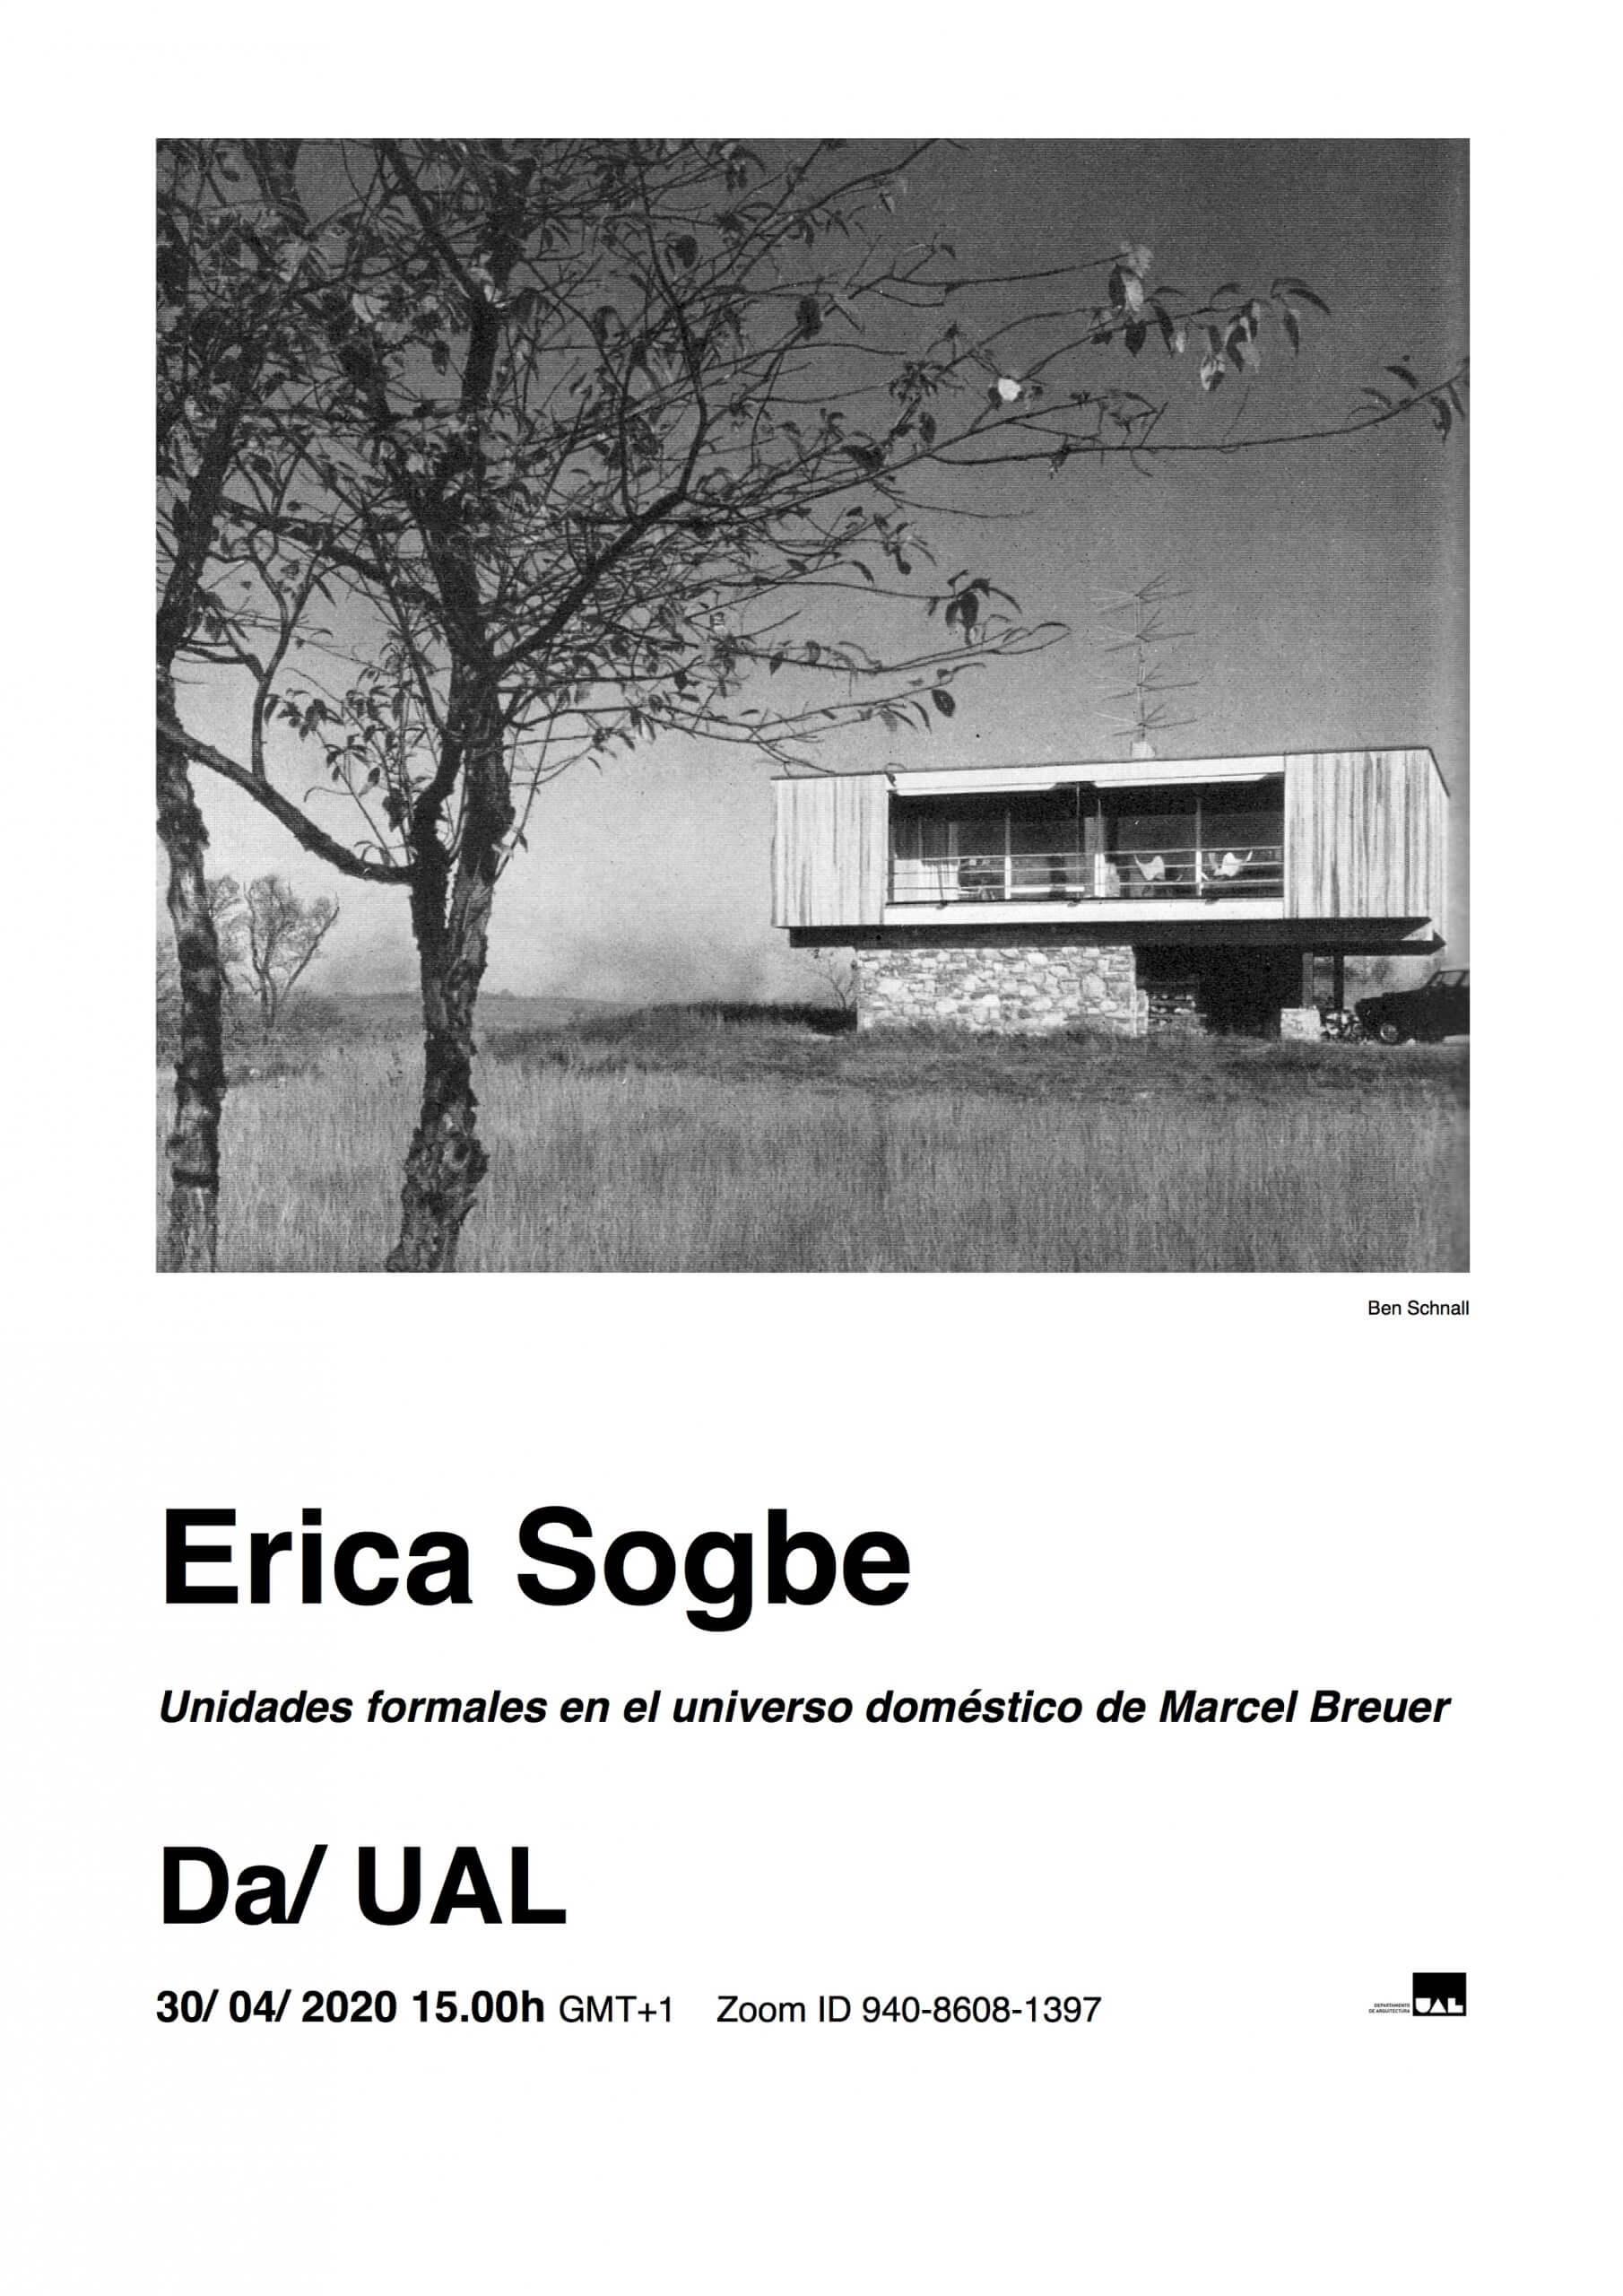 Conferência de Erica Sogbe - Unidades formales en el universo doméstico de Marcel Breuer